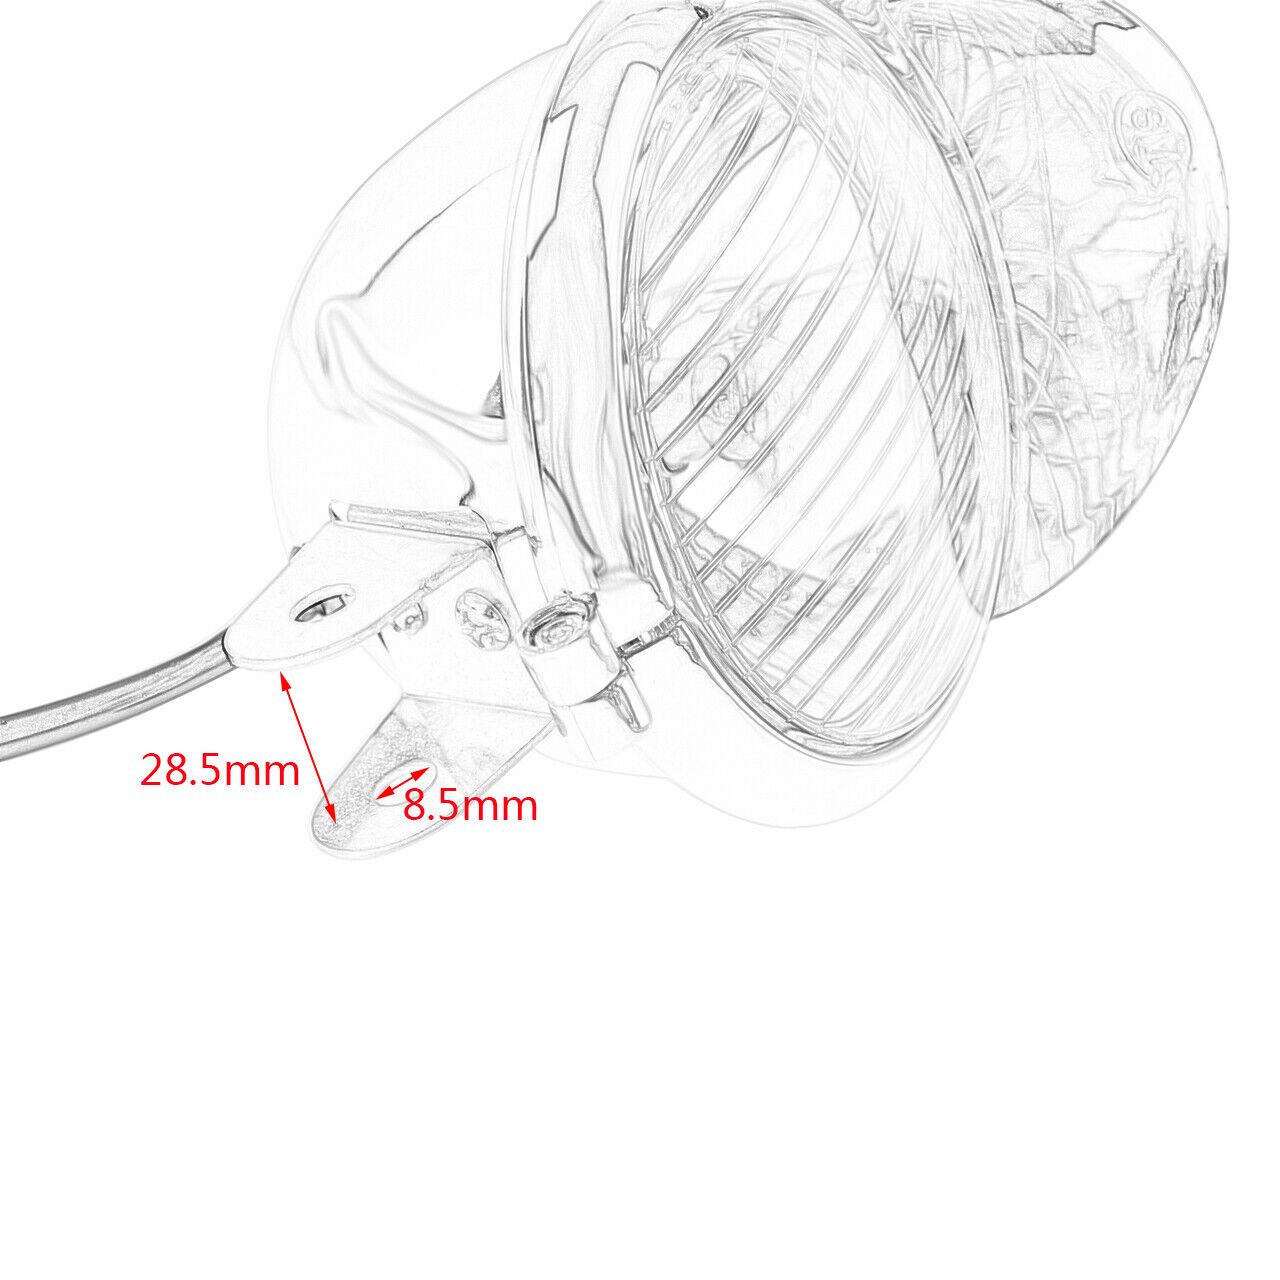 1pc Chrome Motorcycle Universal Fog Light Lamp Headlight Visor For Harley Honda